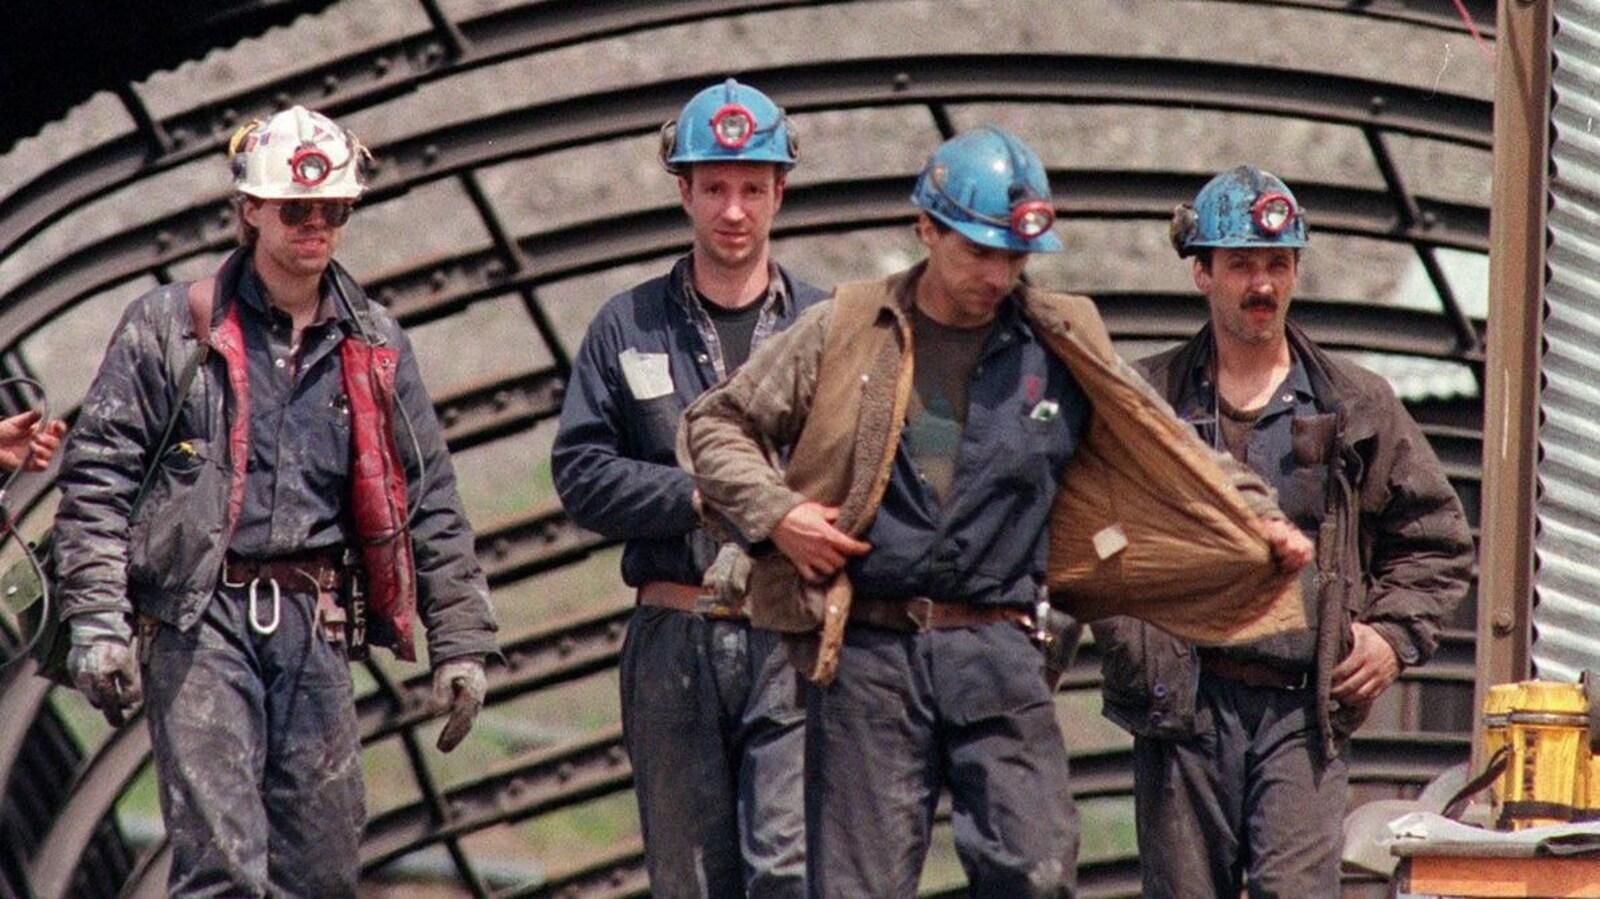 Des travailleurs sortent de la mine de charbon le 15 mai 1992. Quelques jours plus tôt, 26 de leurs collègues ont perdu la vie à la suite d'une explosion dans la mine.